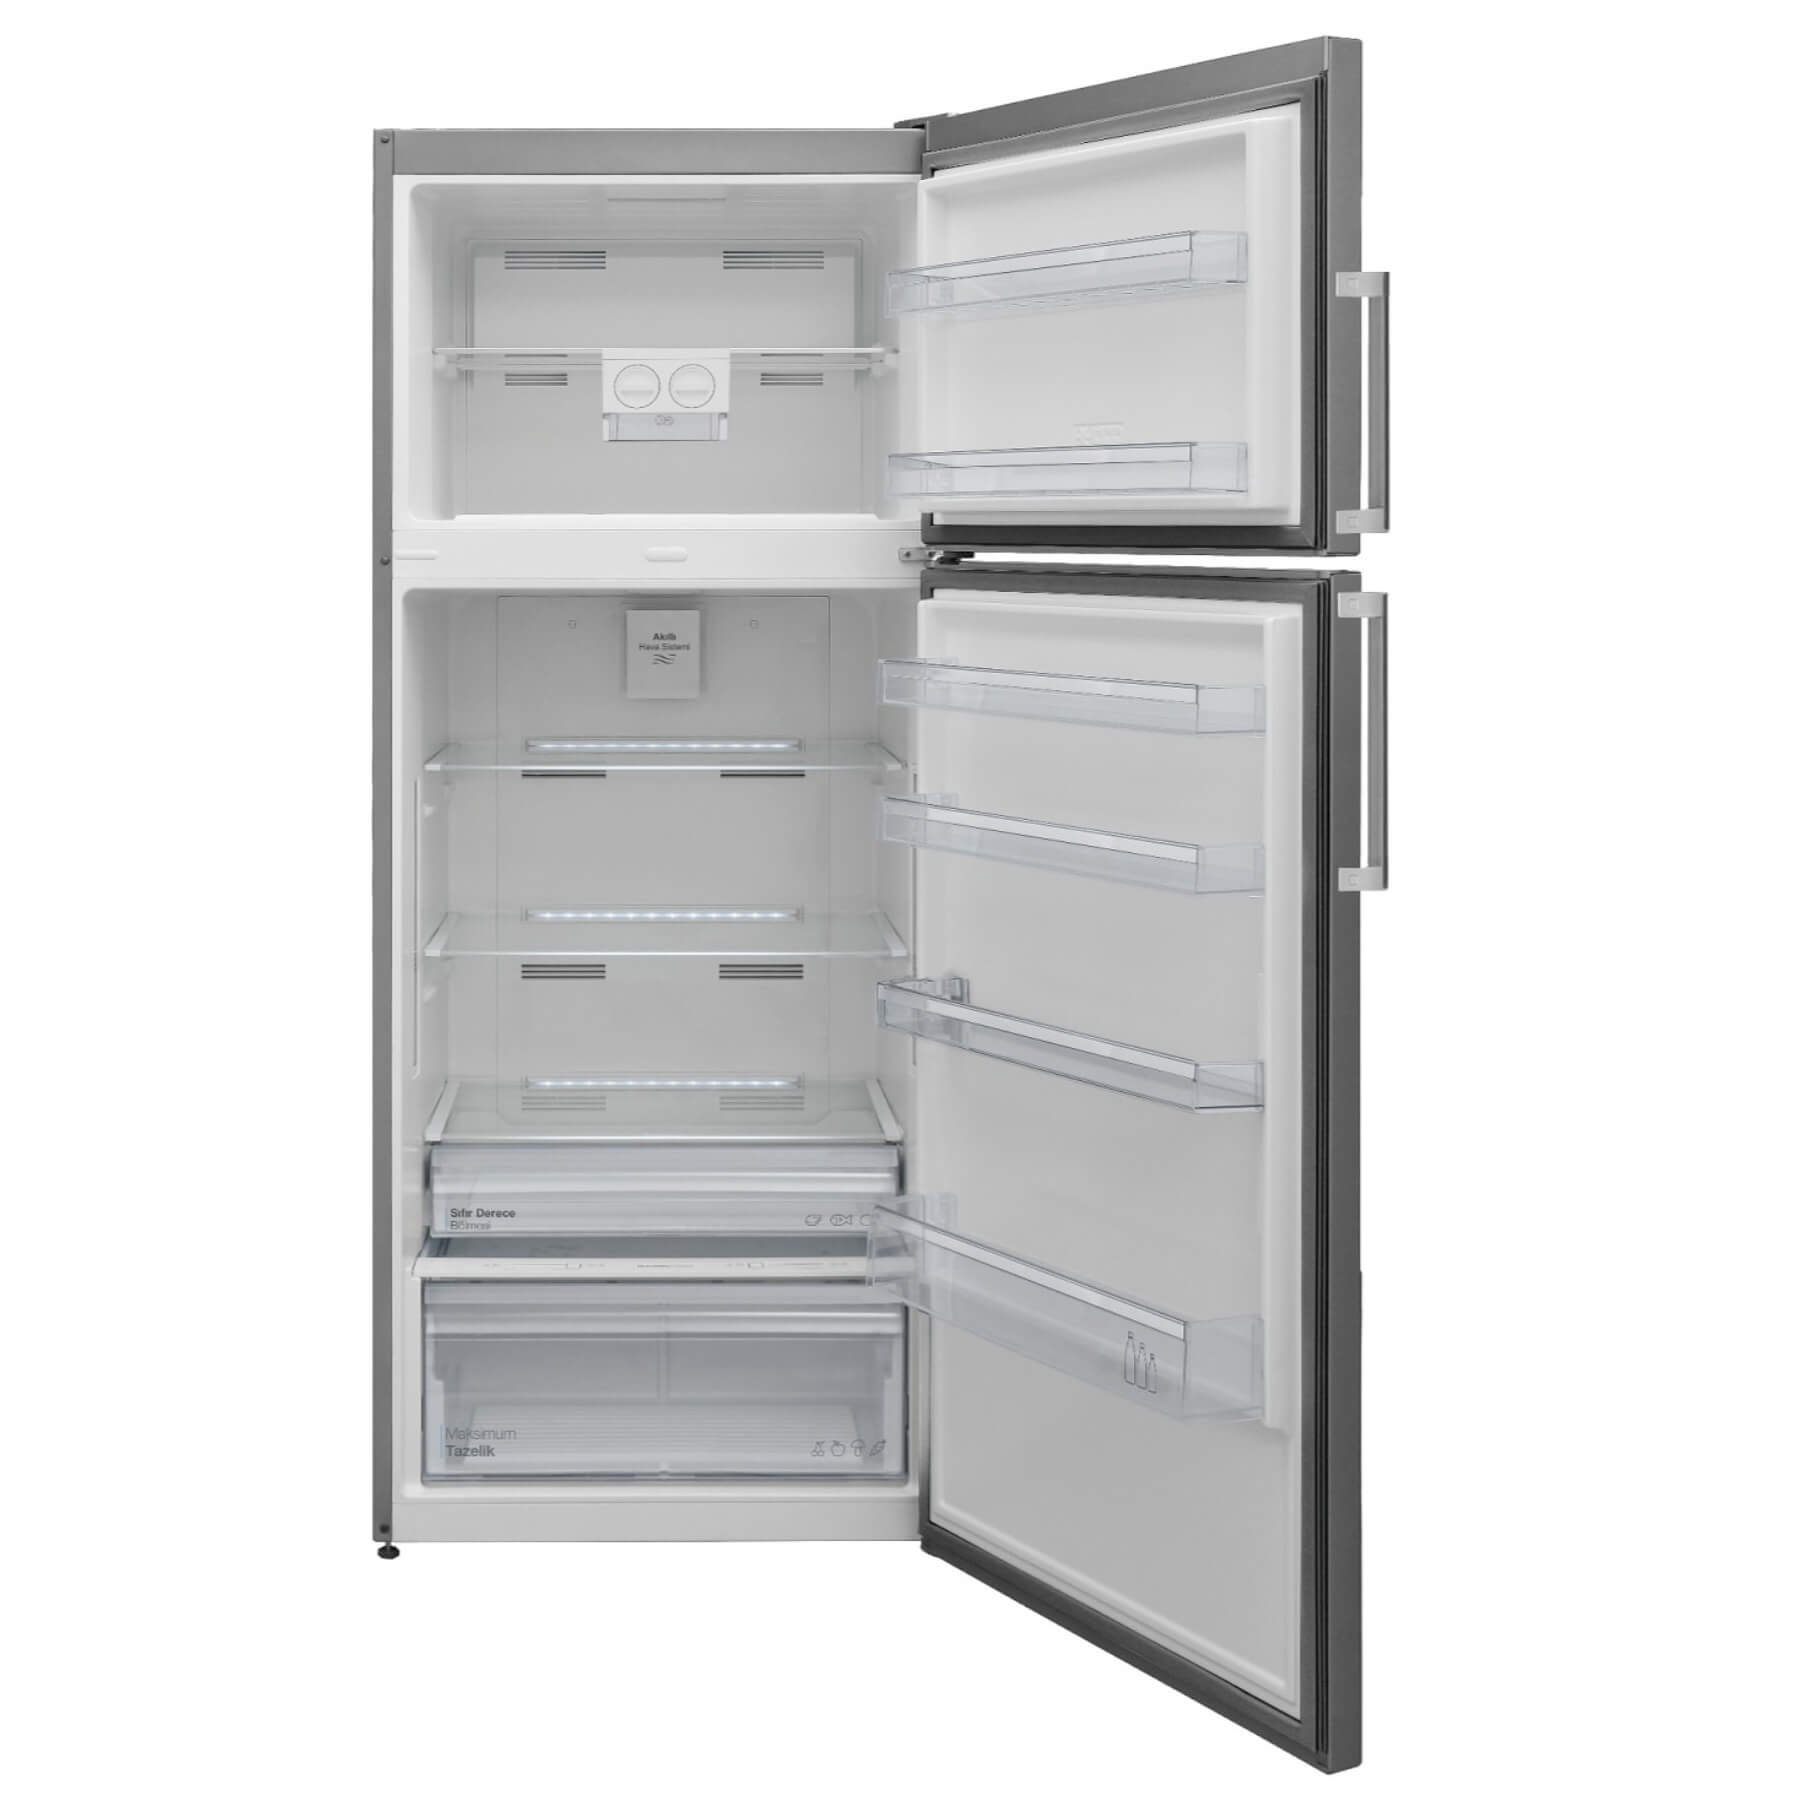 Regal NF 6021 IG buzdolabi